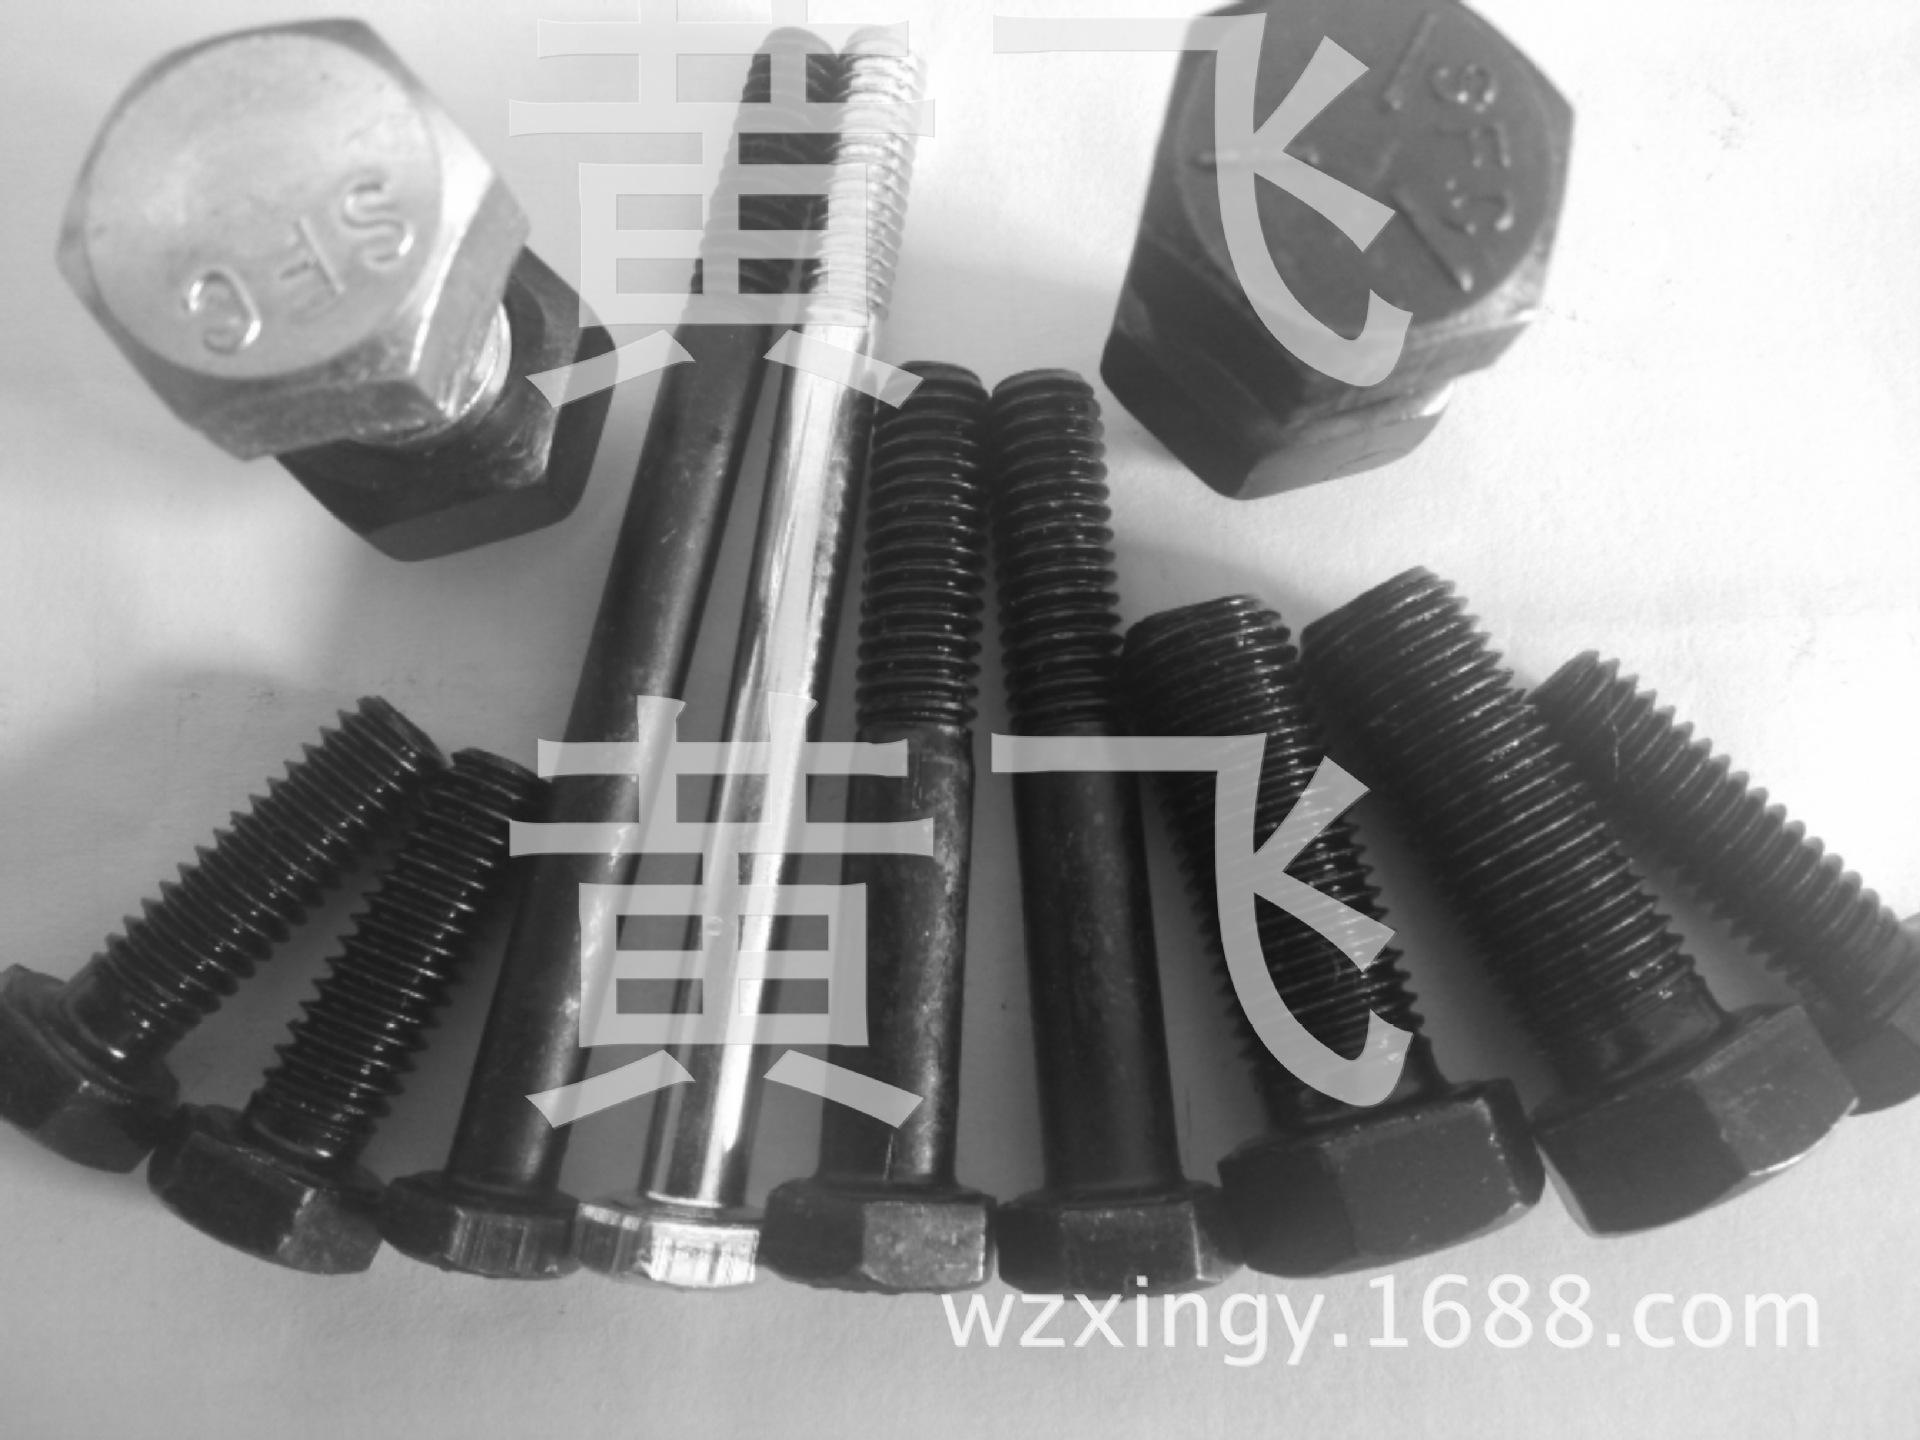 304不锈钢外六角螺栓螺丝六角头螺杆 M8|M10|M12| 紧固标准件厂家